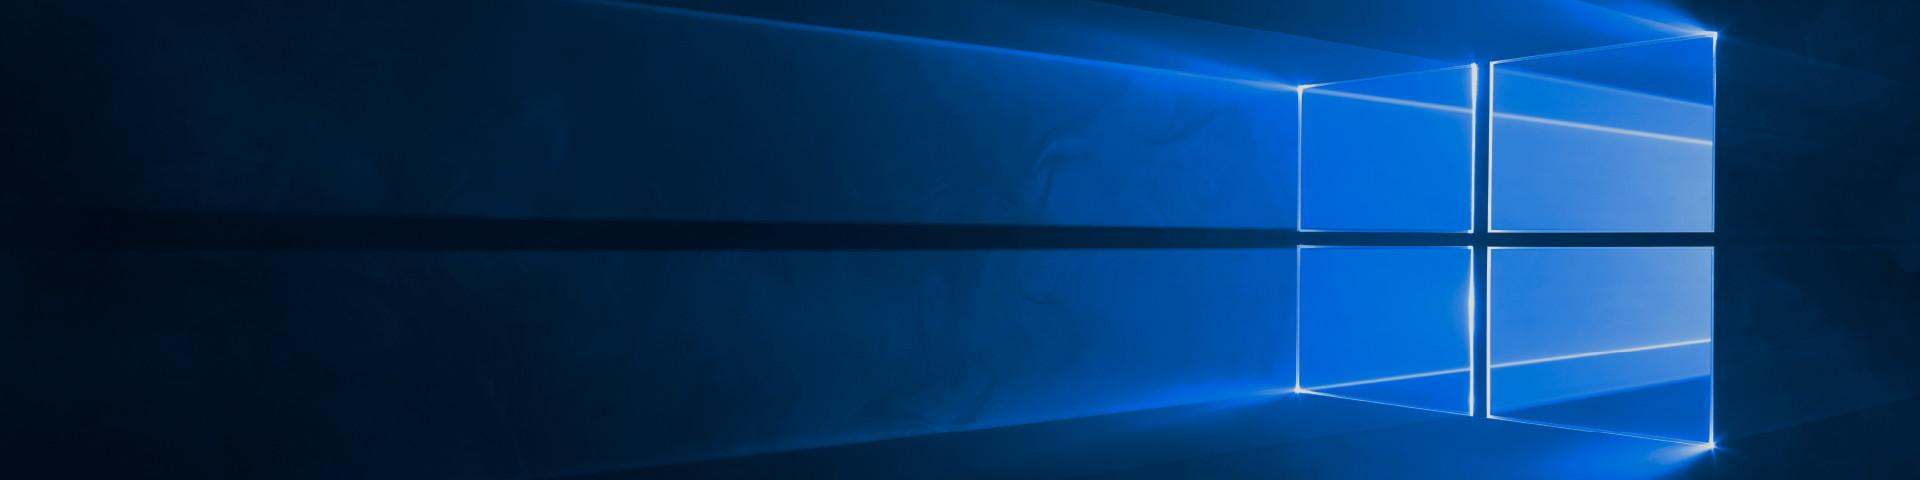 Windows10 je tady. Můžete si ho stáhnout zadarmo.*